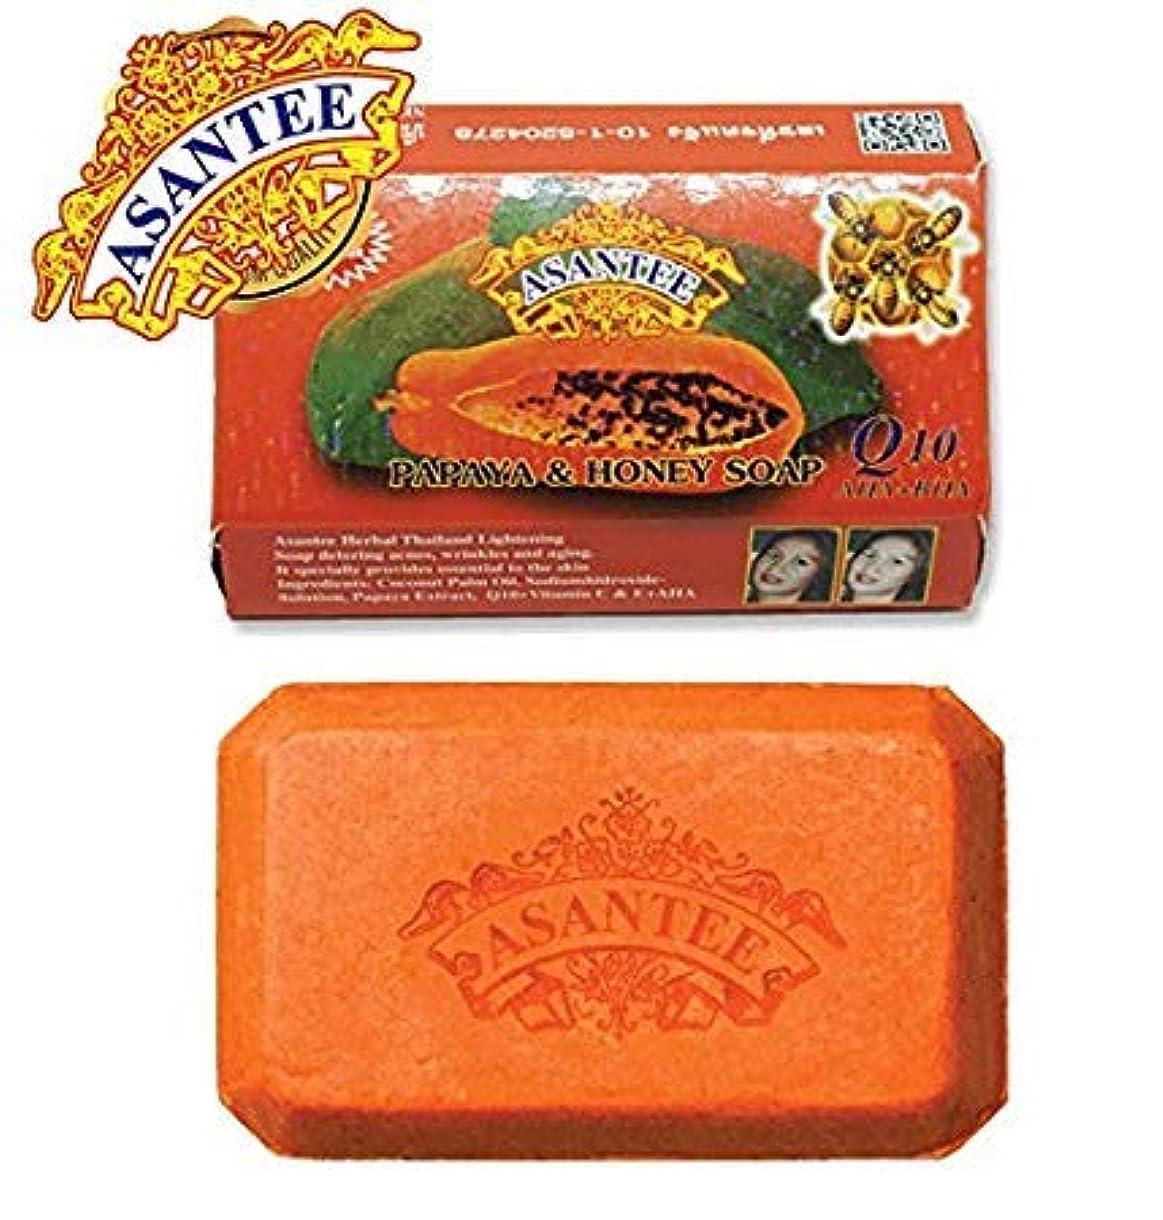 木材予備のれんAsantee Thai Papaya Herbal Skin Whitening Soap 135g (1 pcs)